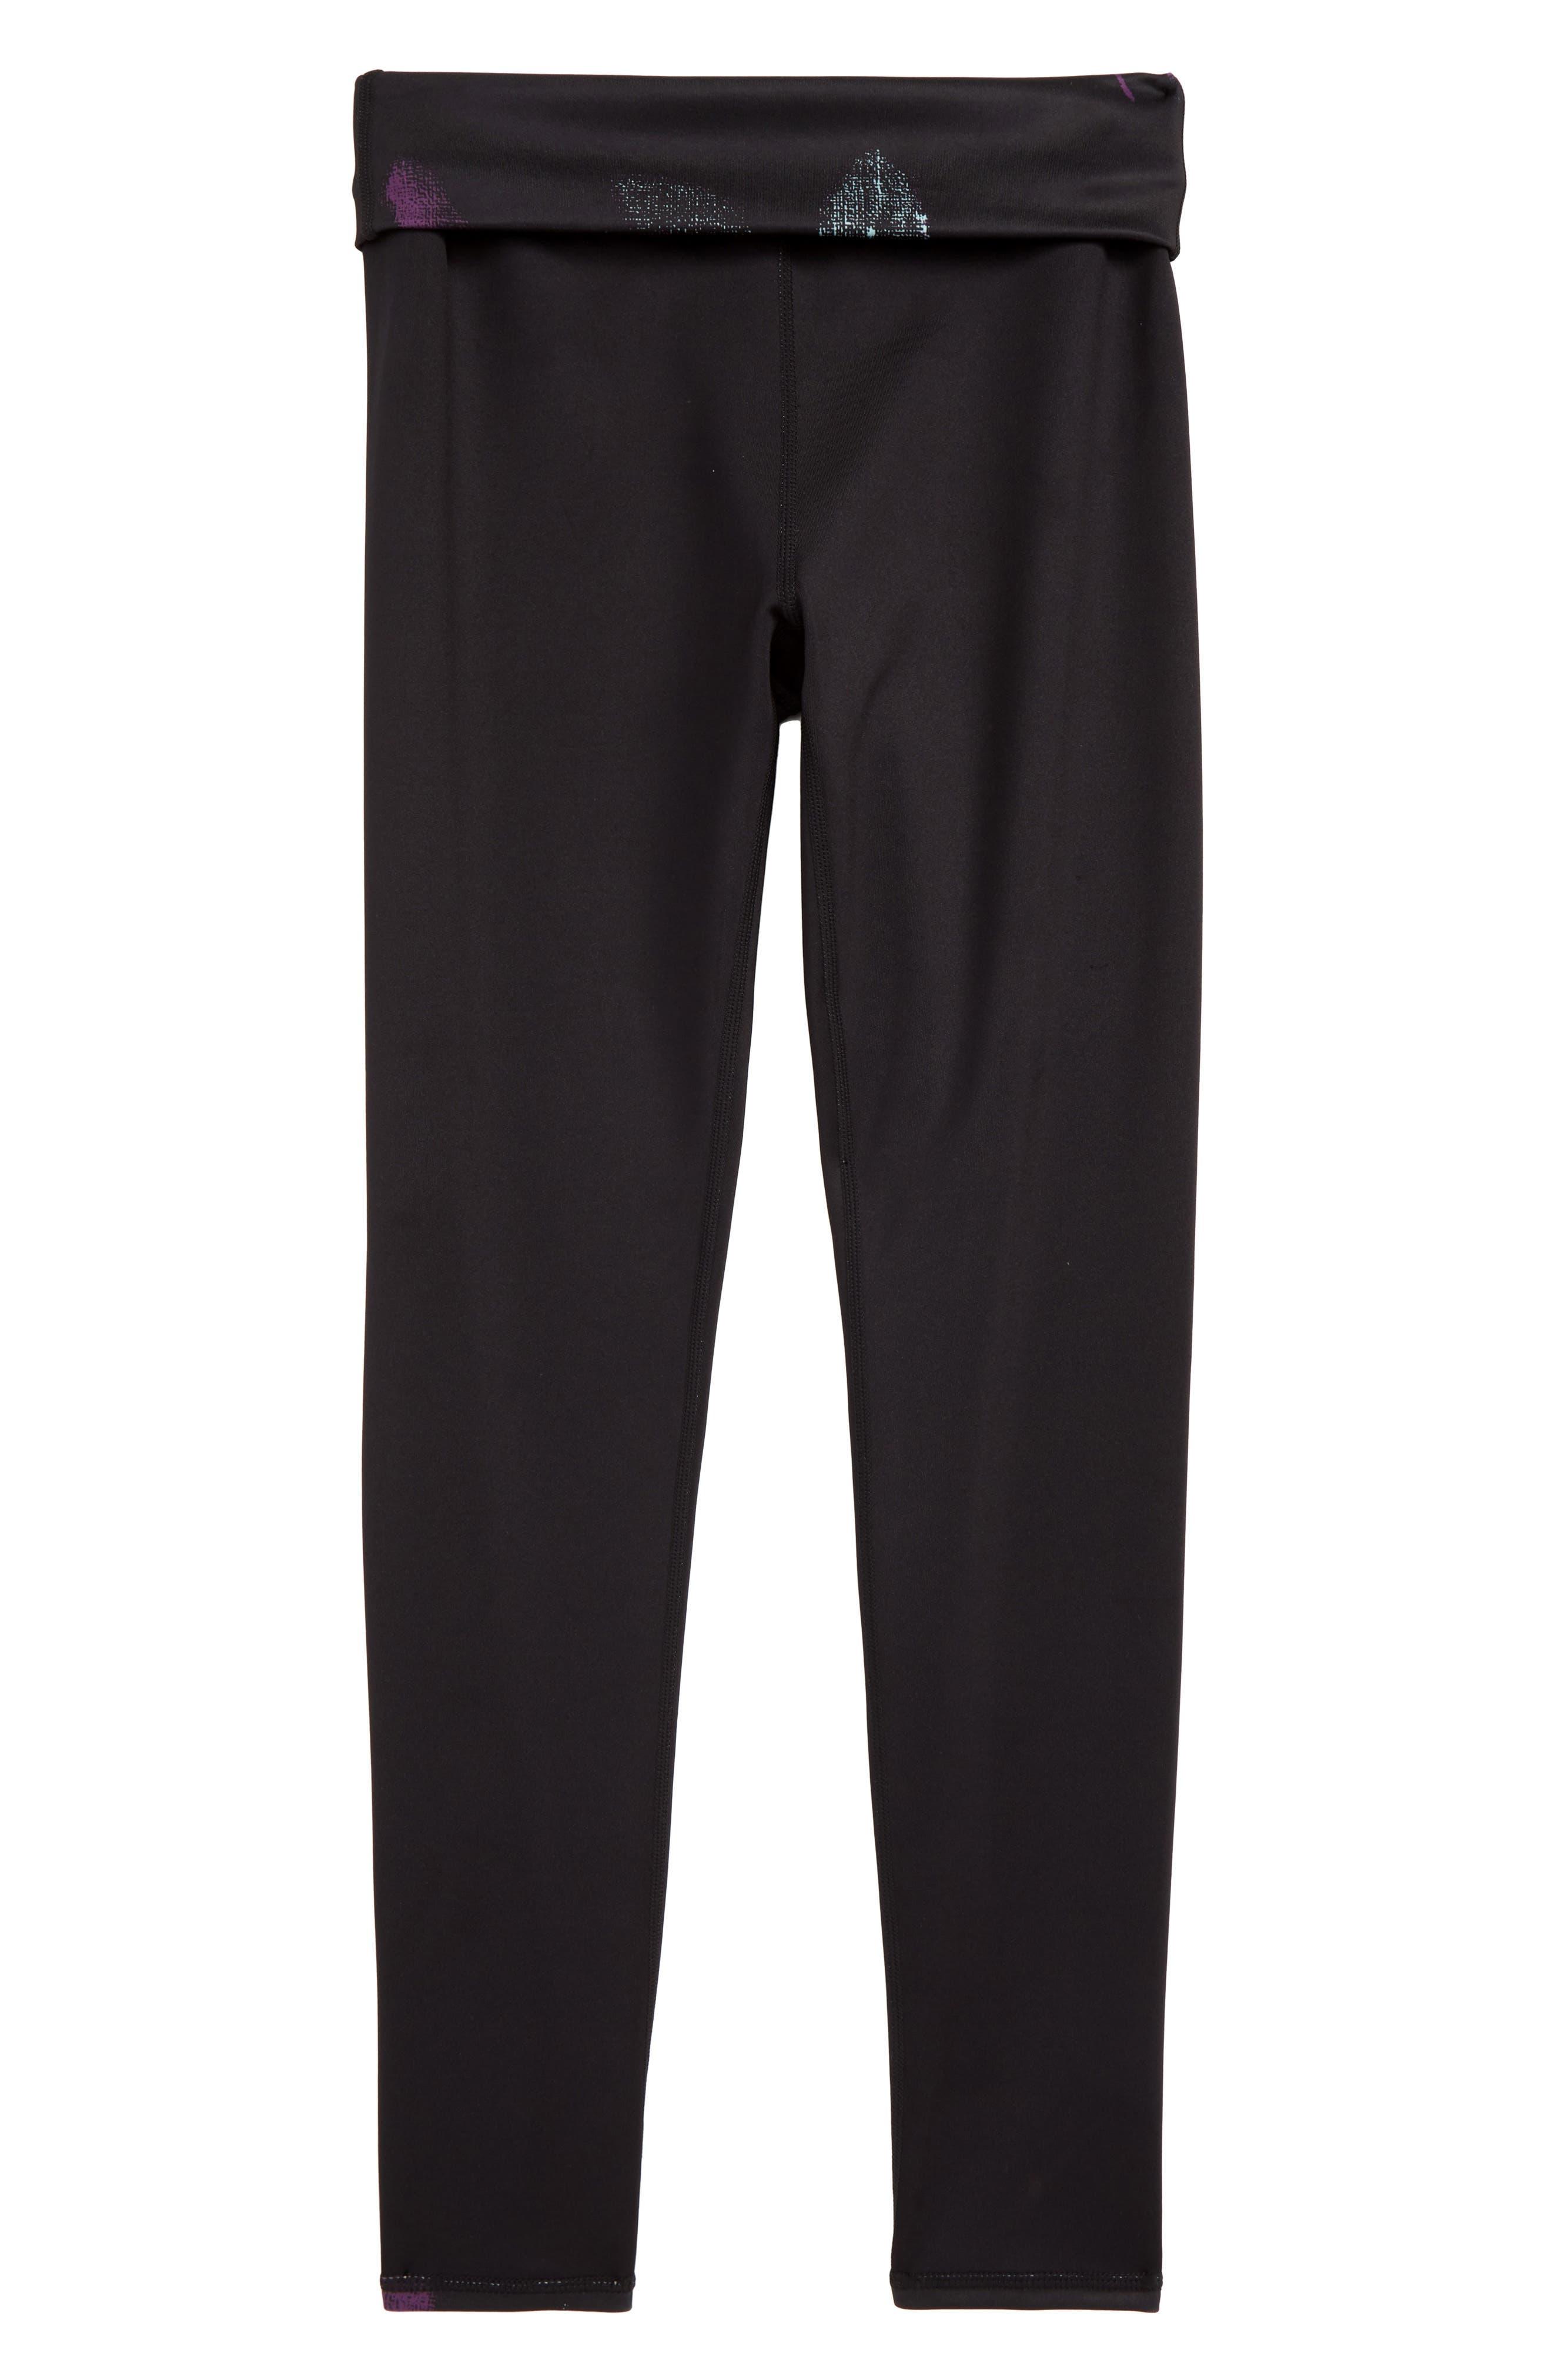 Fold-Over Reversible Leggings,                             Alternate thumbnail 2, color,                             BLACK DARK FLORAL